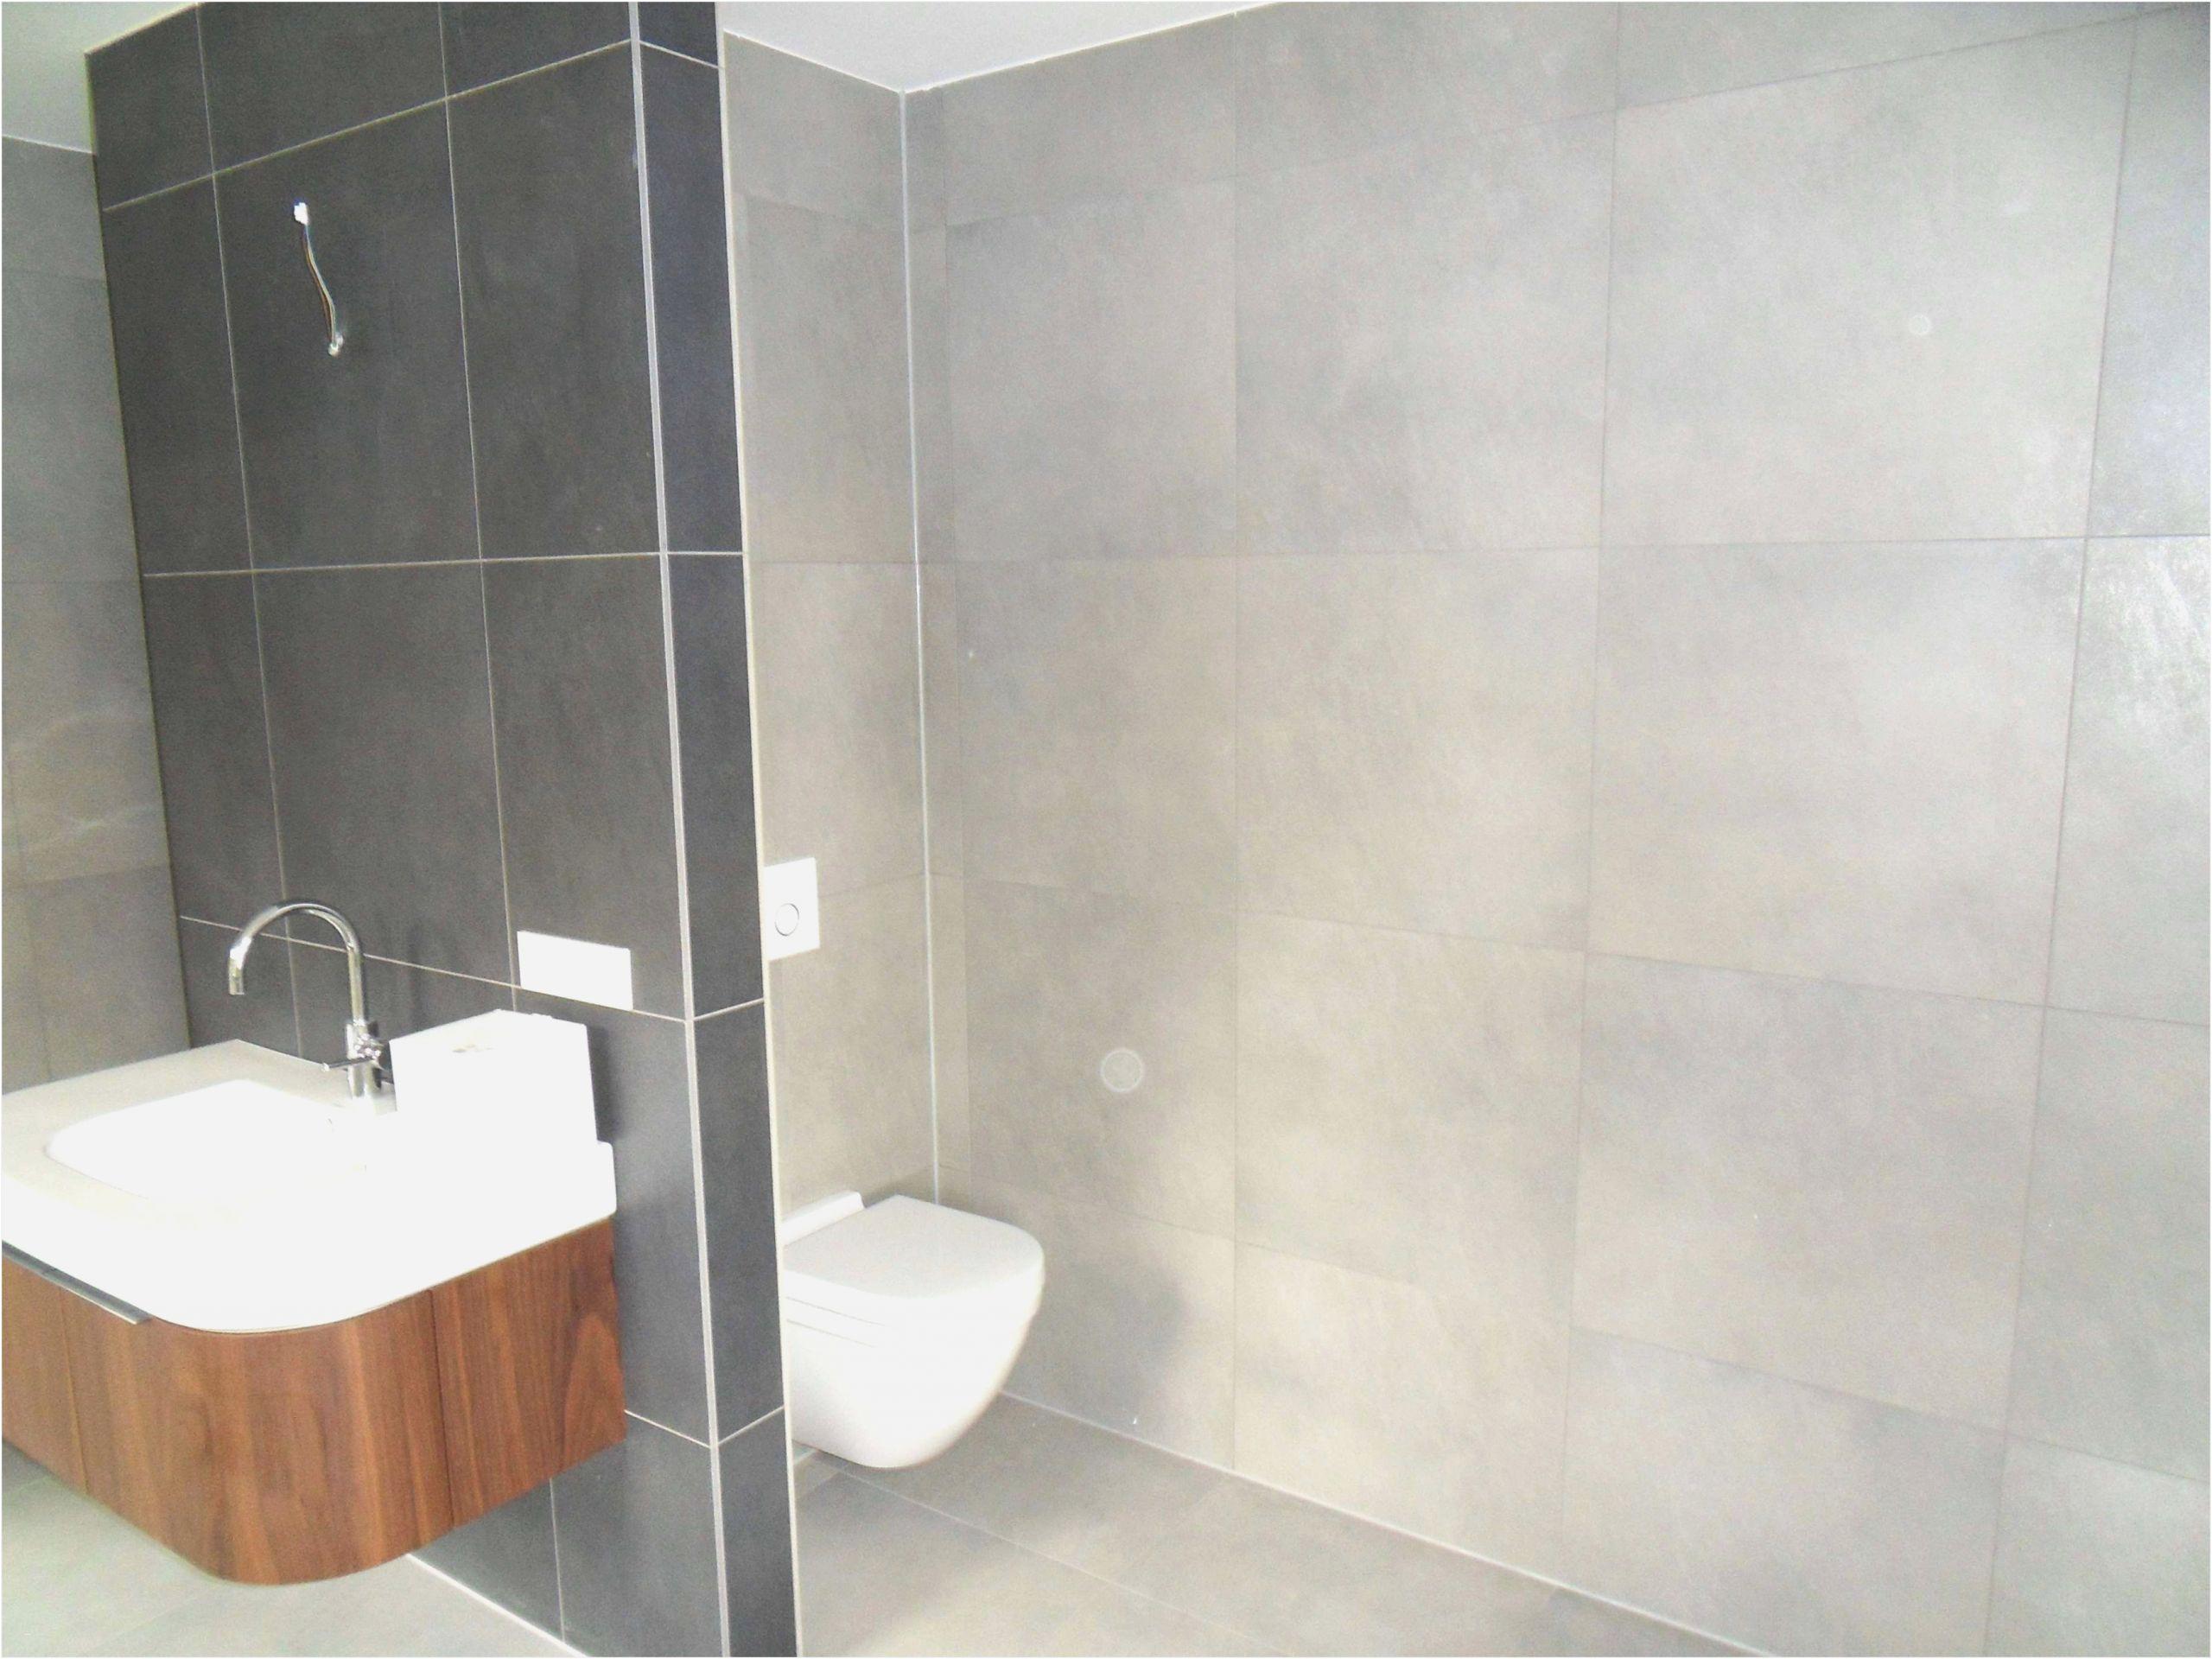 Badezimmer Fliesen Rutschfest Das Fliesen Eines Badezimmers Ankleidezimmer Traumhaus